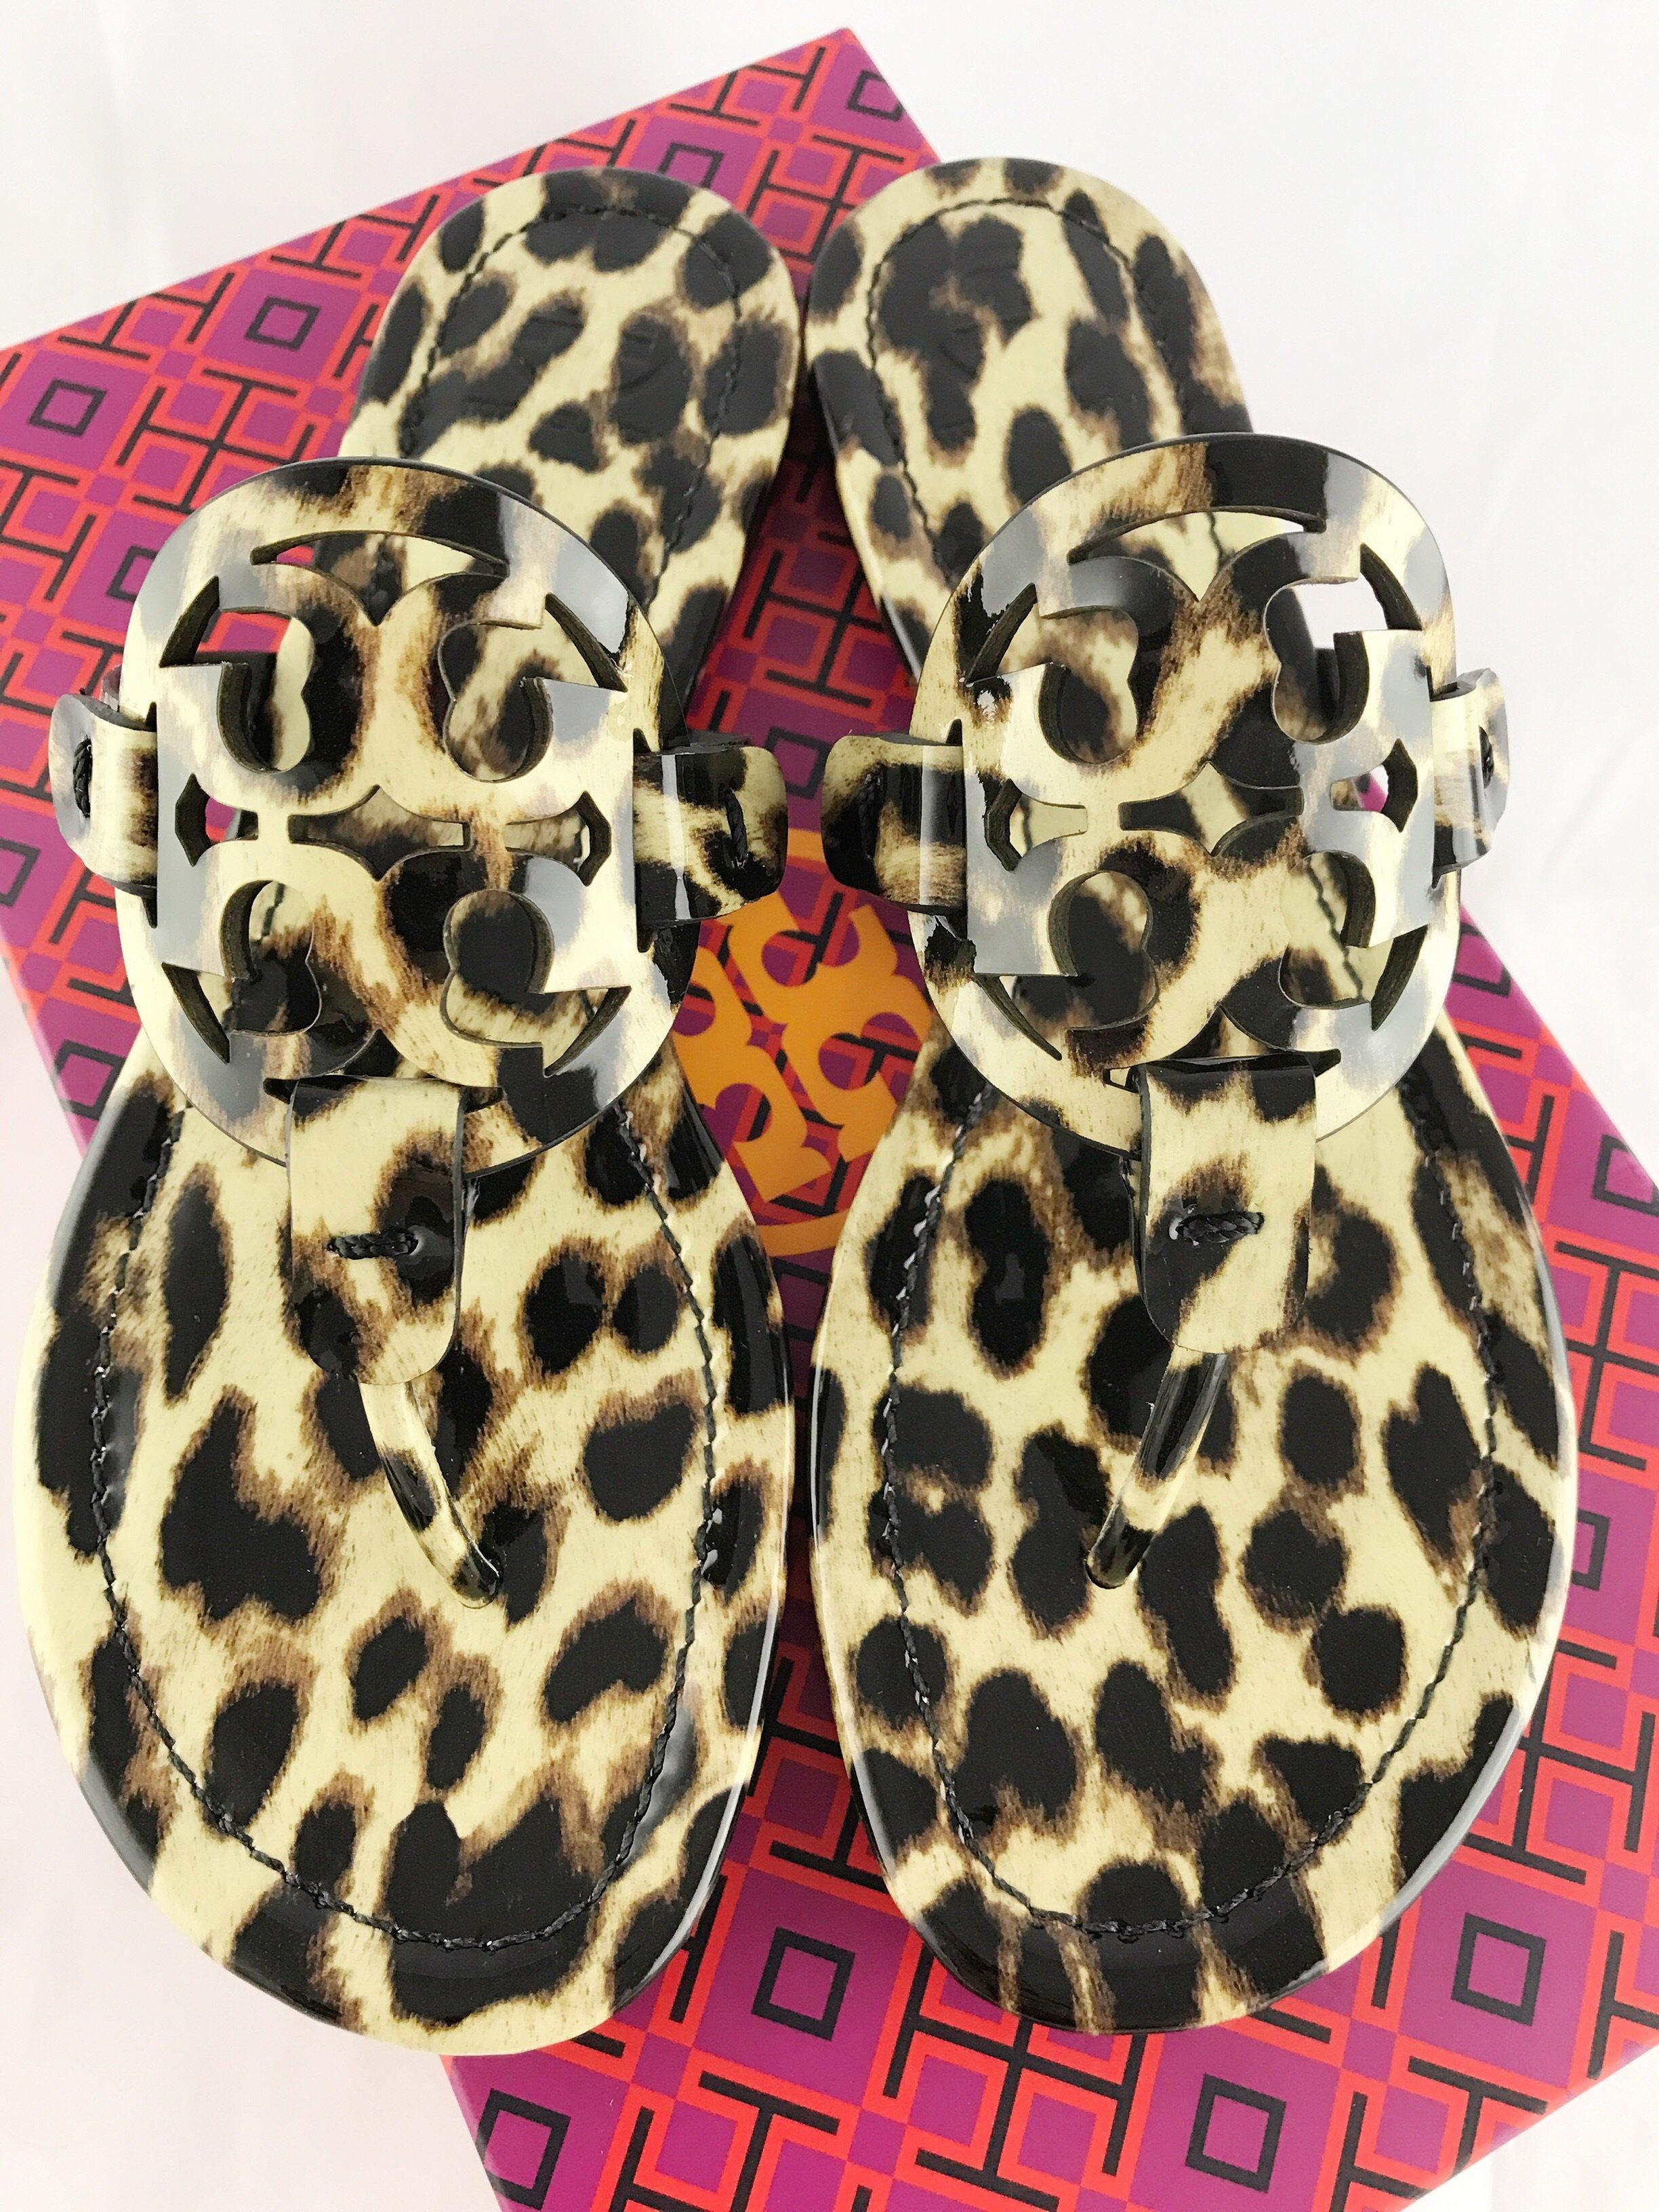 05bdf7ce0d654 Tory Burch Miller Sandals Flip Flop Leopard 7 7.5 8 8.5 10